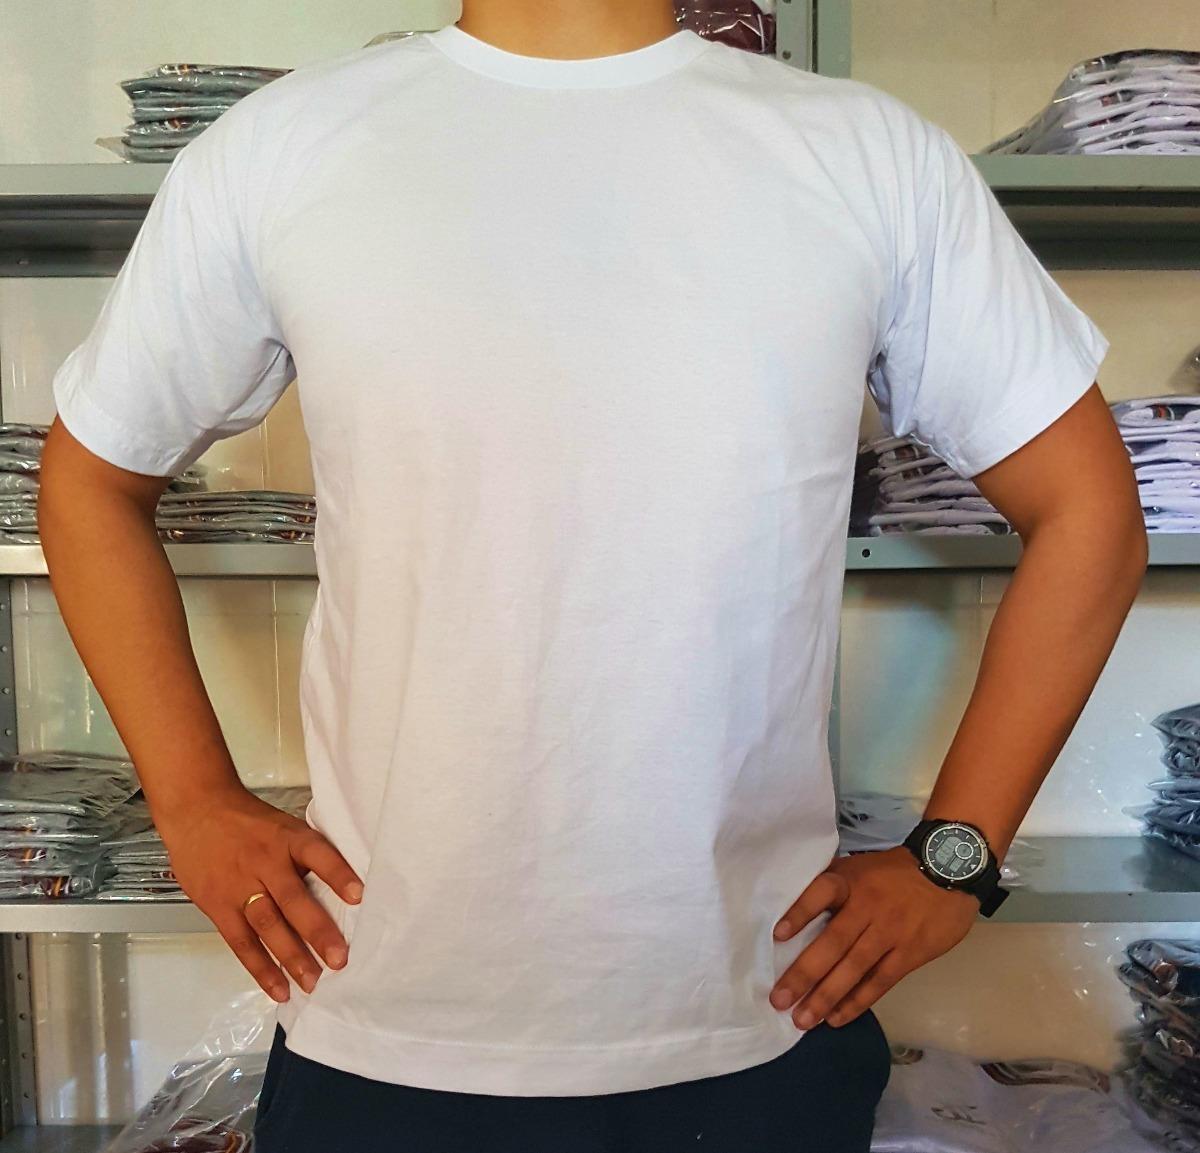 camiseta lisa branca 100% algodão - ótima qualidade! Carregando zoom. 1a188bbf391